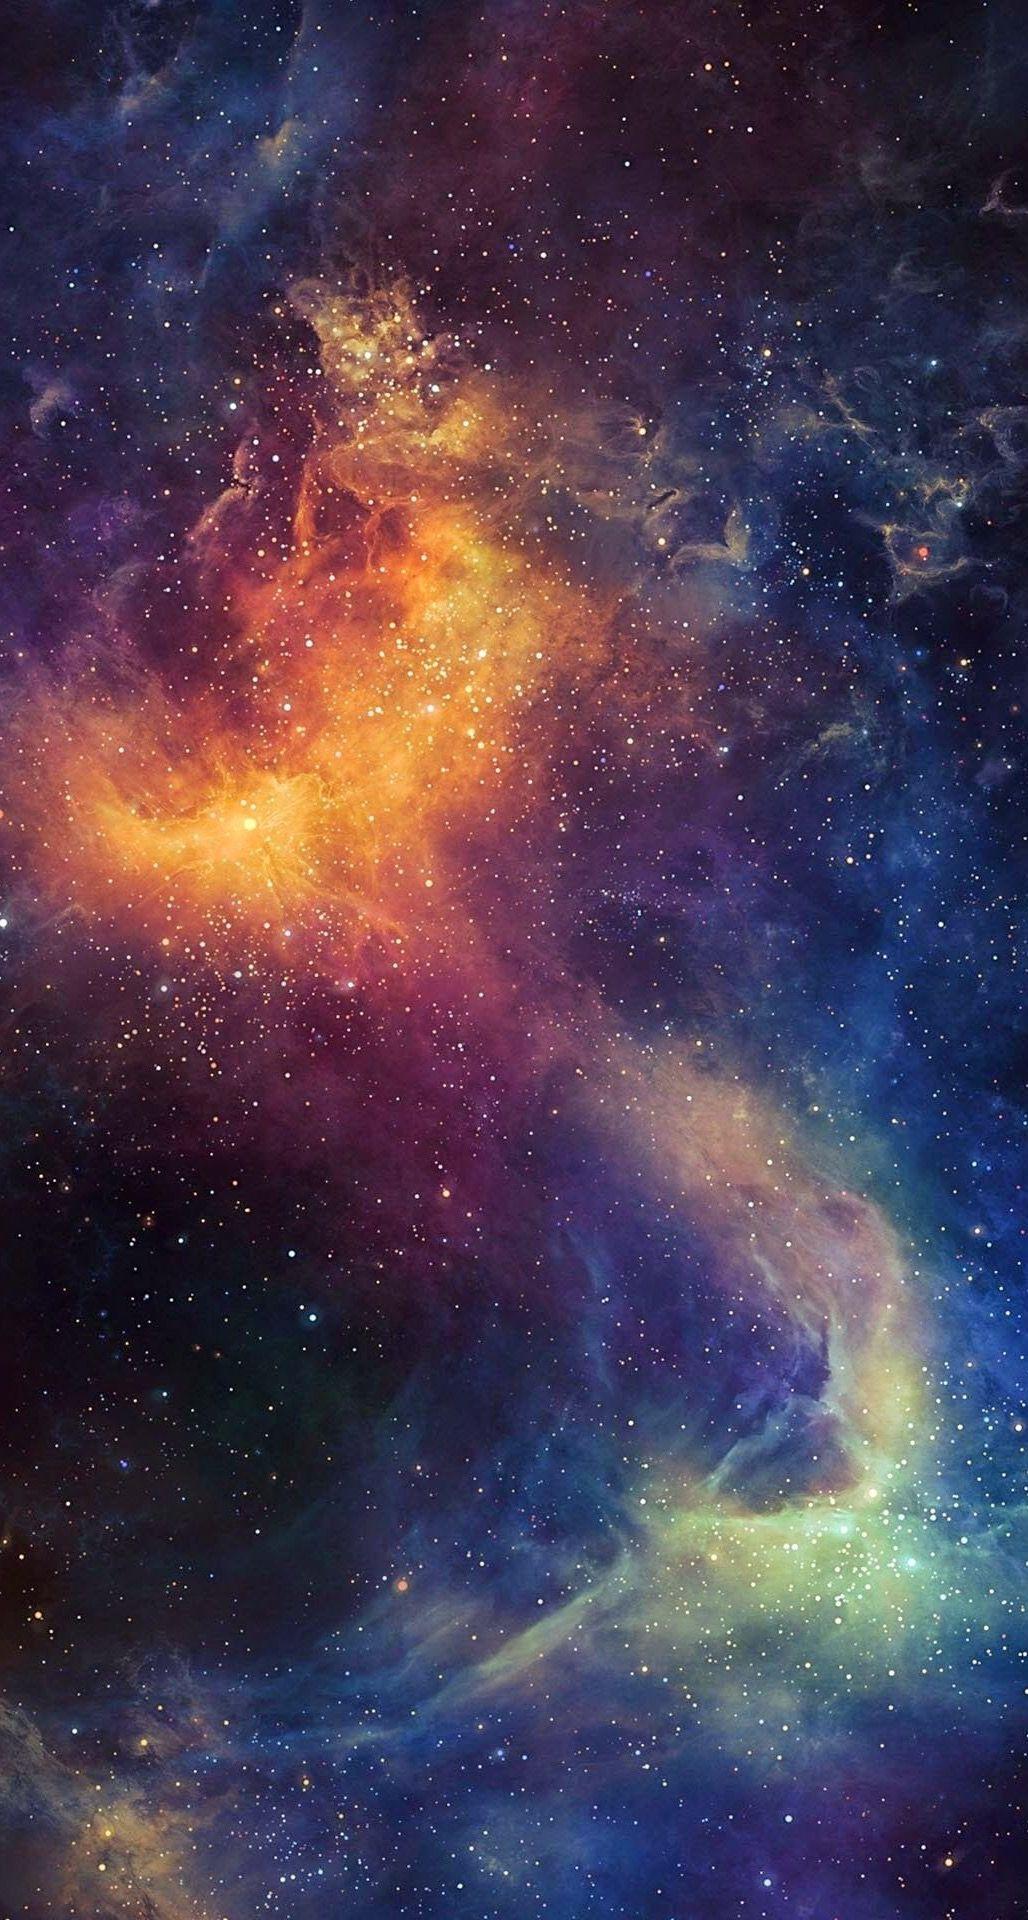 Amazing Colored Space Nebula Background Phone Backgrounds Iphone Backgrounds In 2020 Space Iphone Wallpaper Wallpaper Space Galaxy Wallpaper